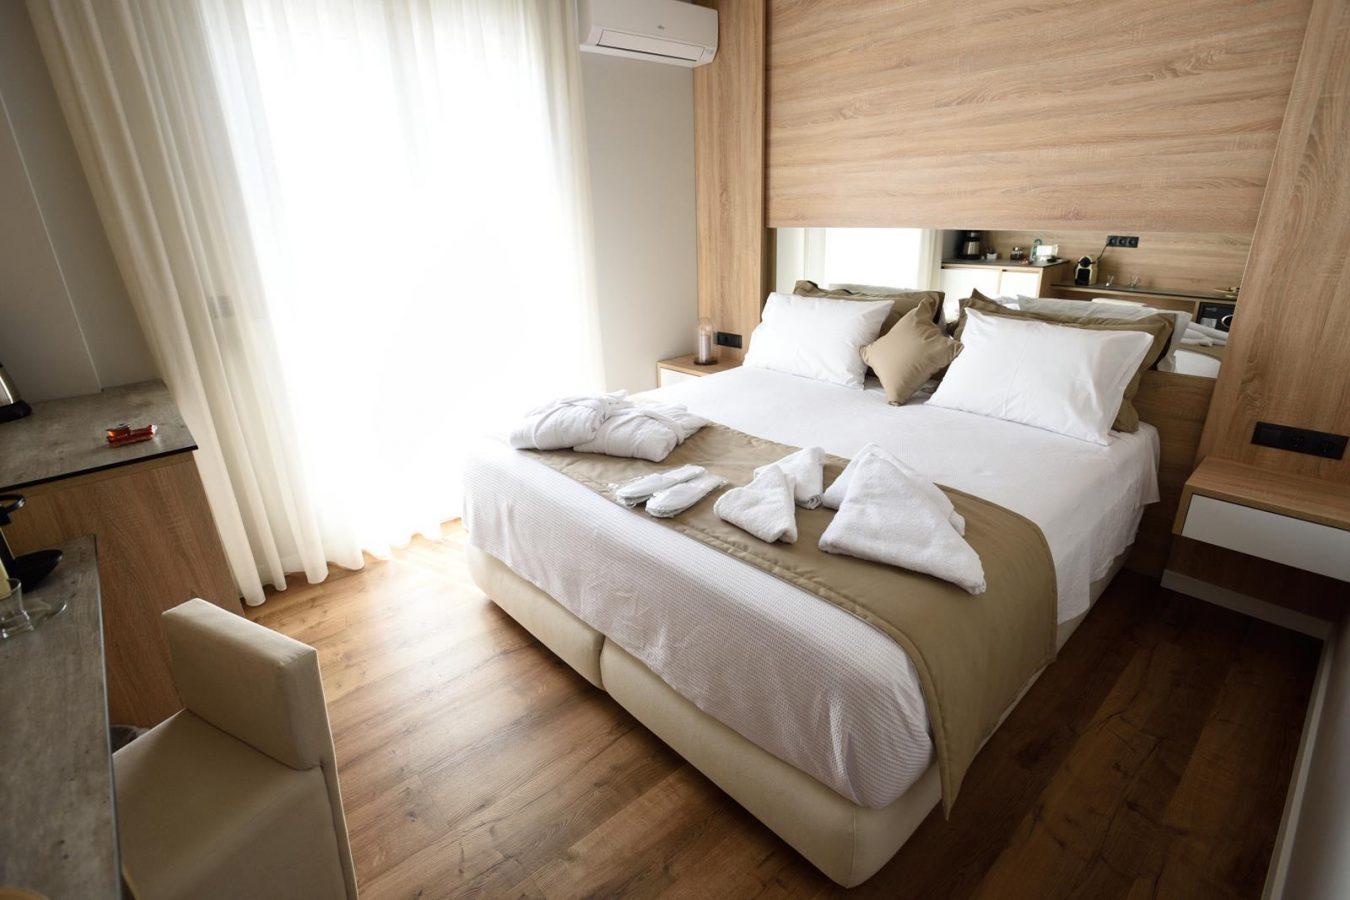 θεσσαλονικη σουιτες - magnifique luxury suites